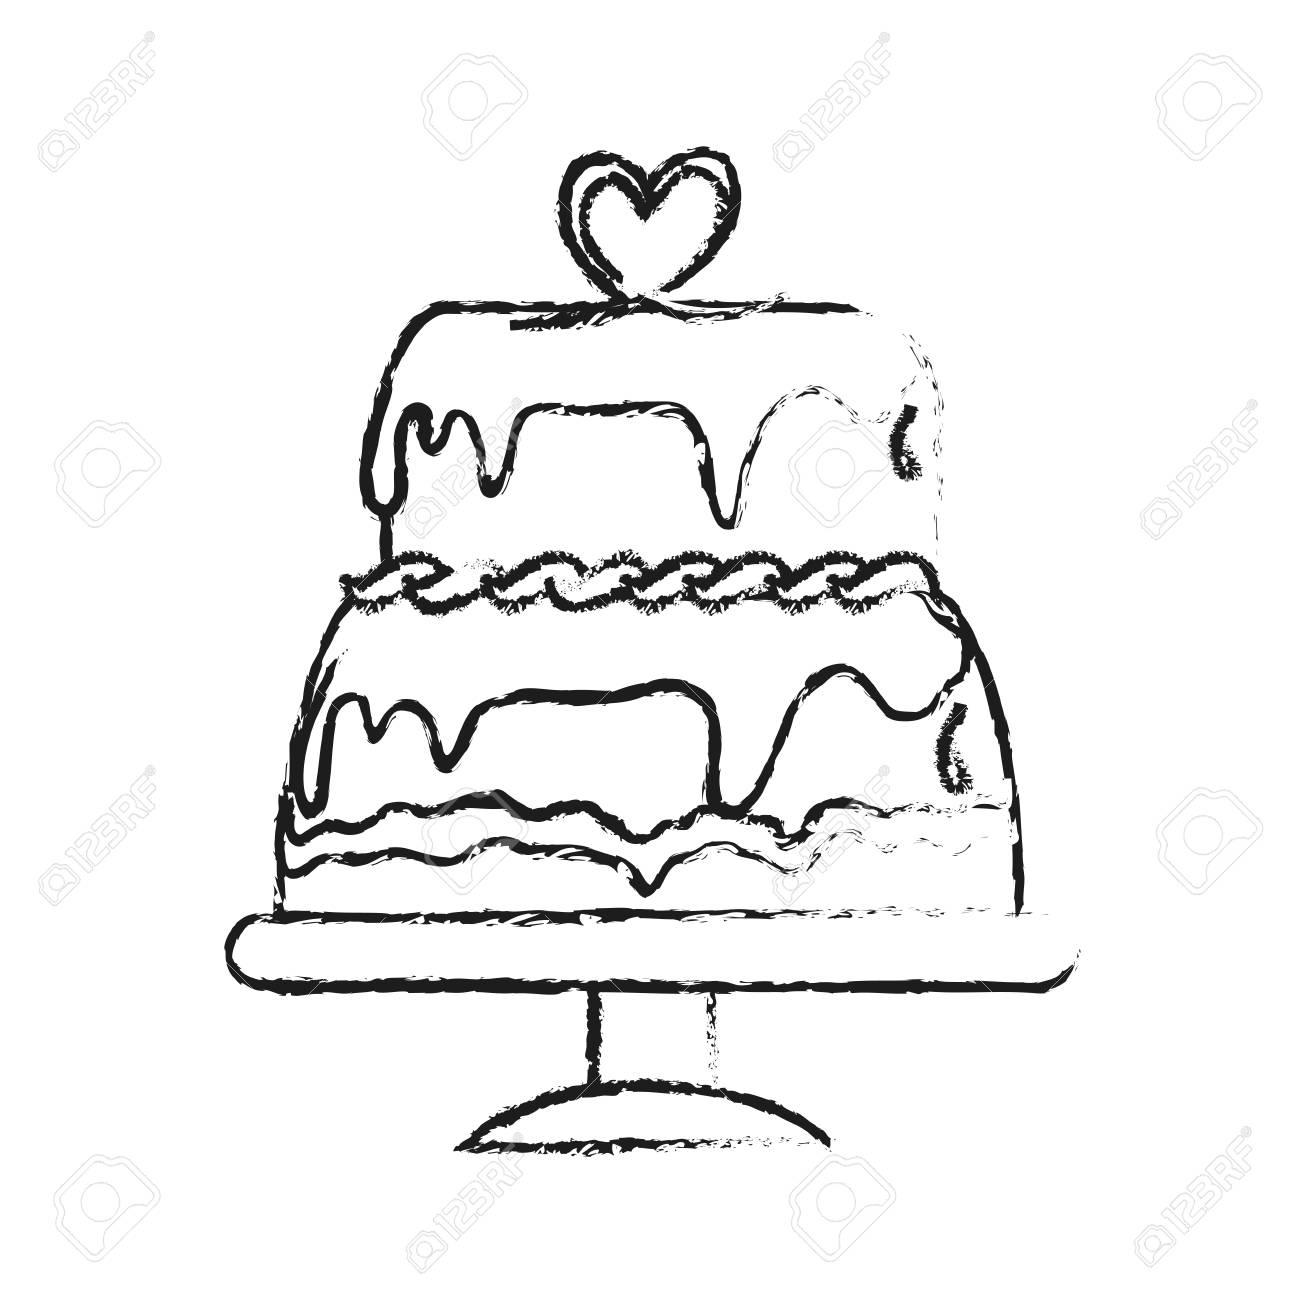 Banque d\u0027images , Gâteau avec glaçage icône pâtisserie illustration dessin  vectoriel